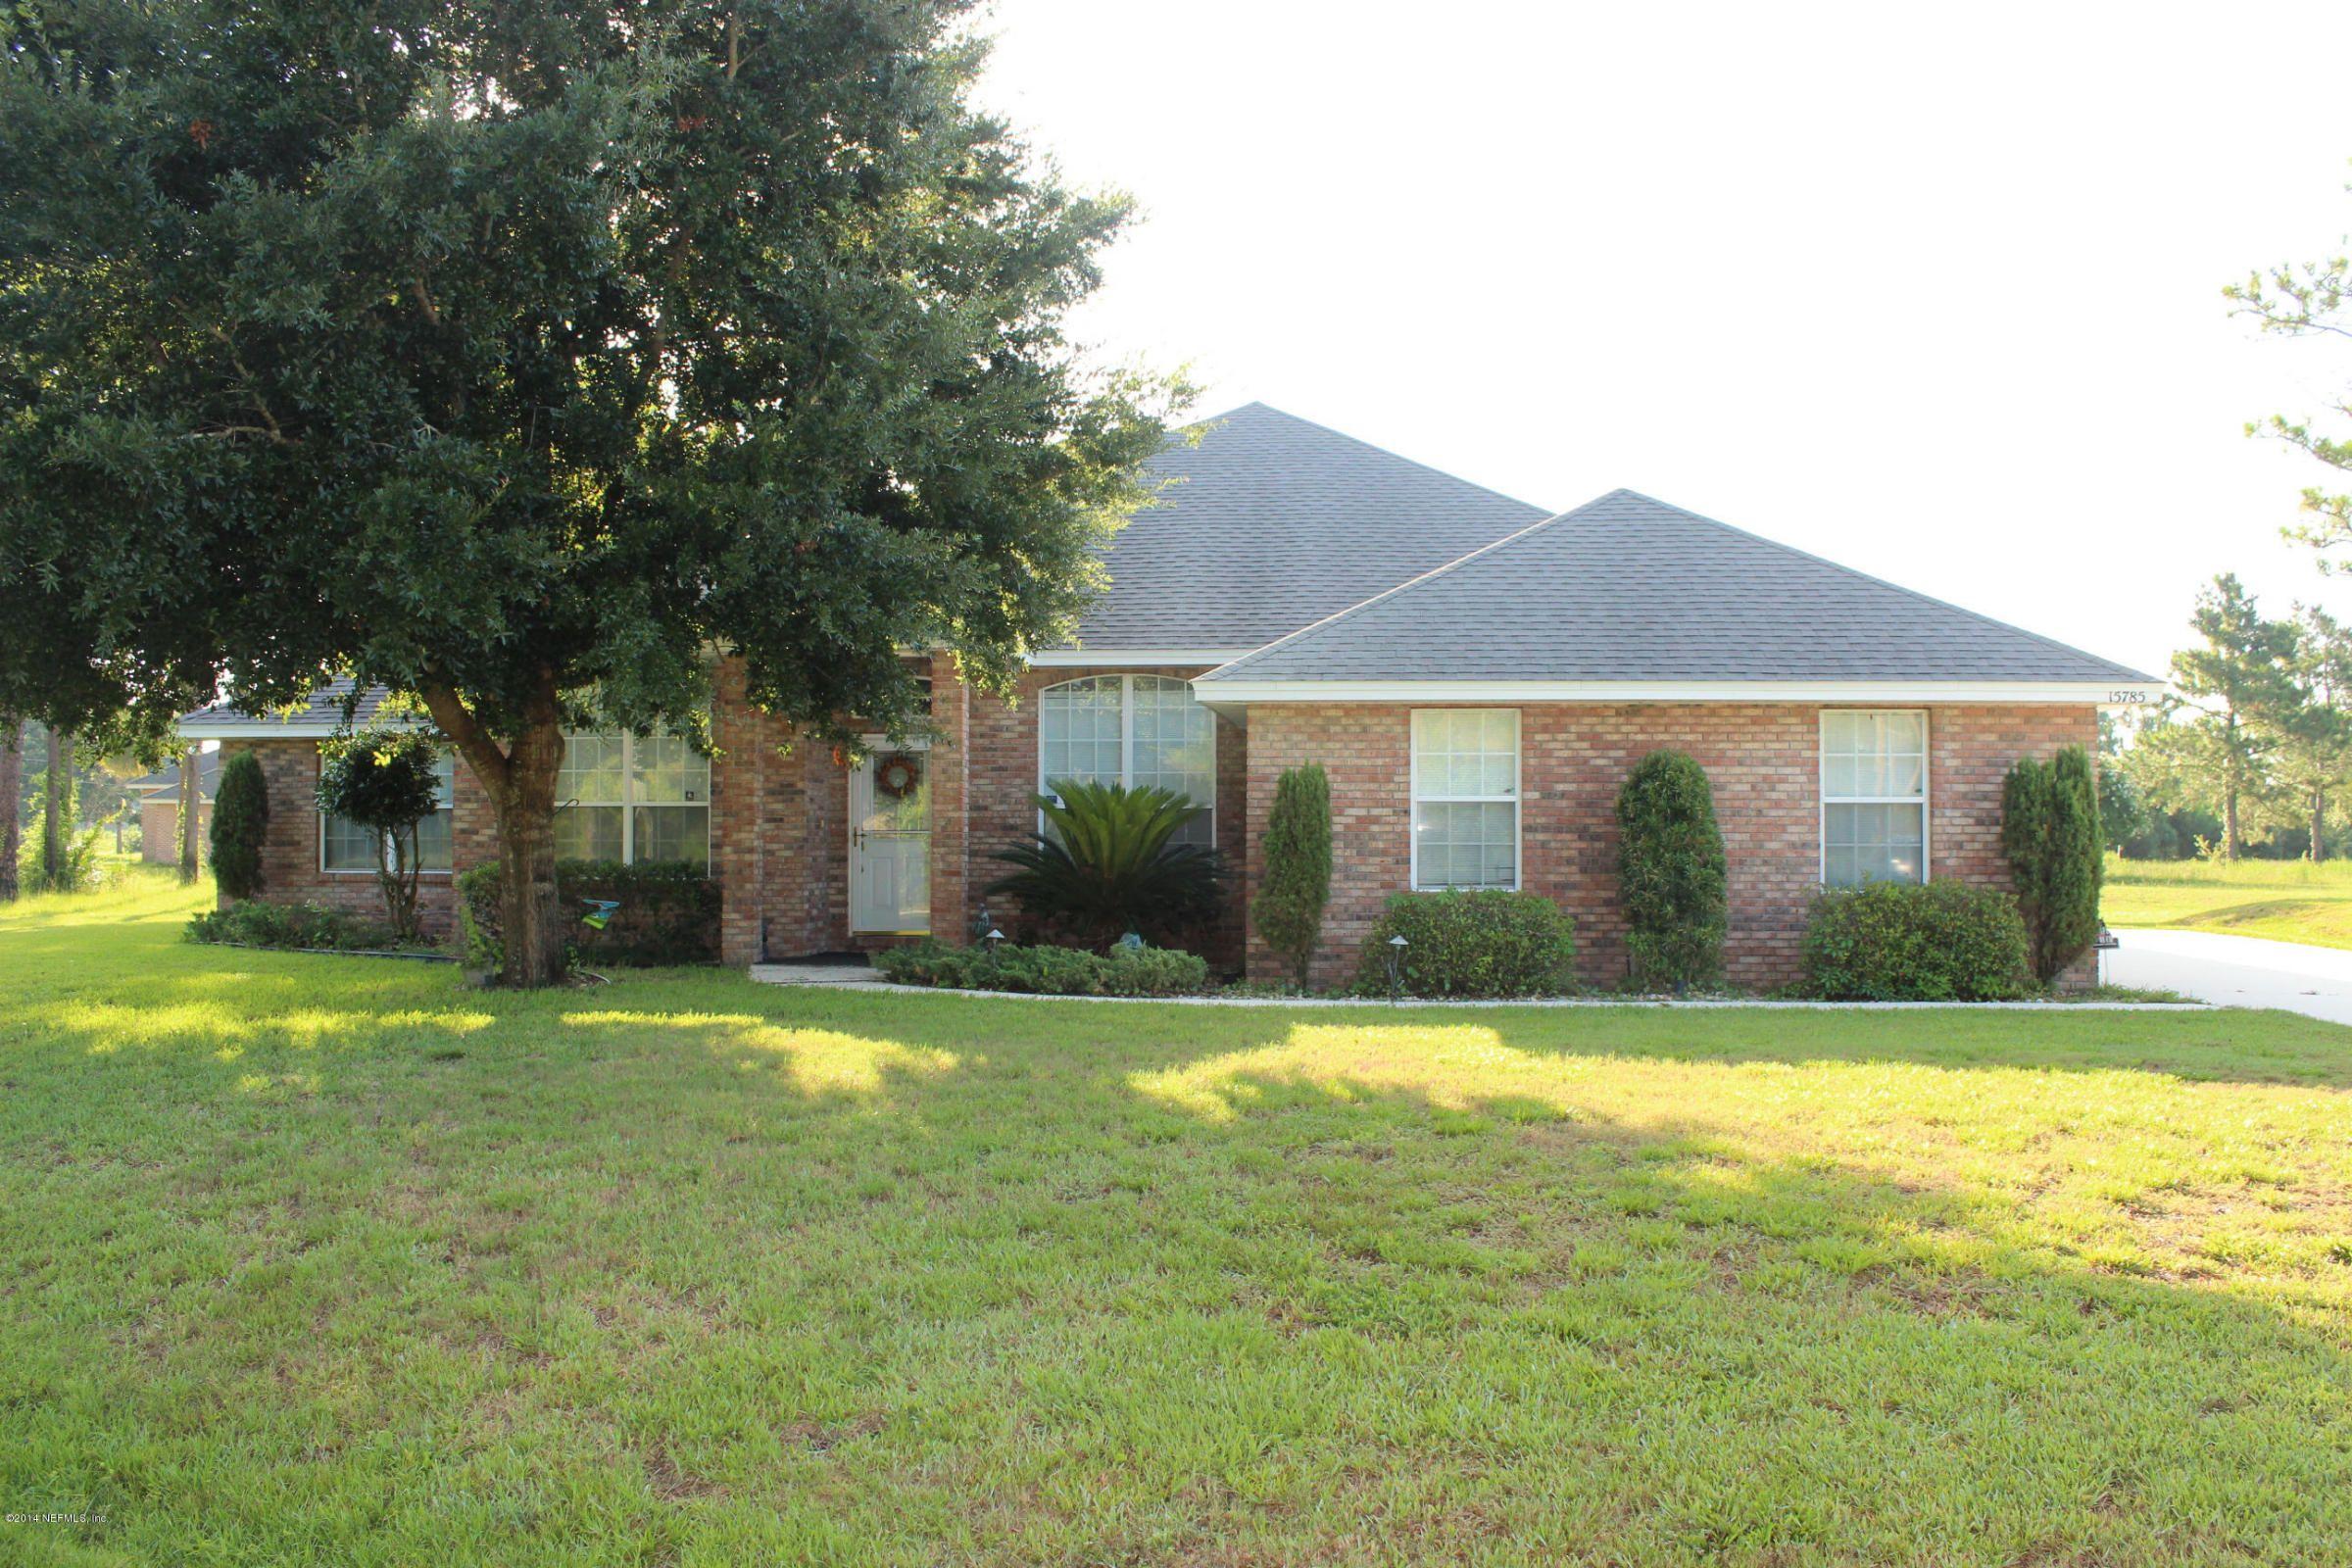 15785 W. Northside Dr. Jacksonville, FL 32218